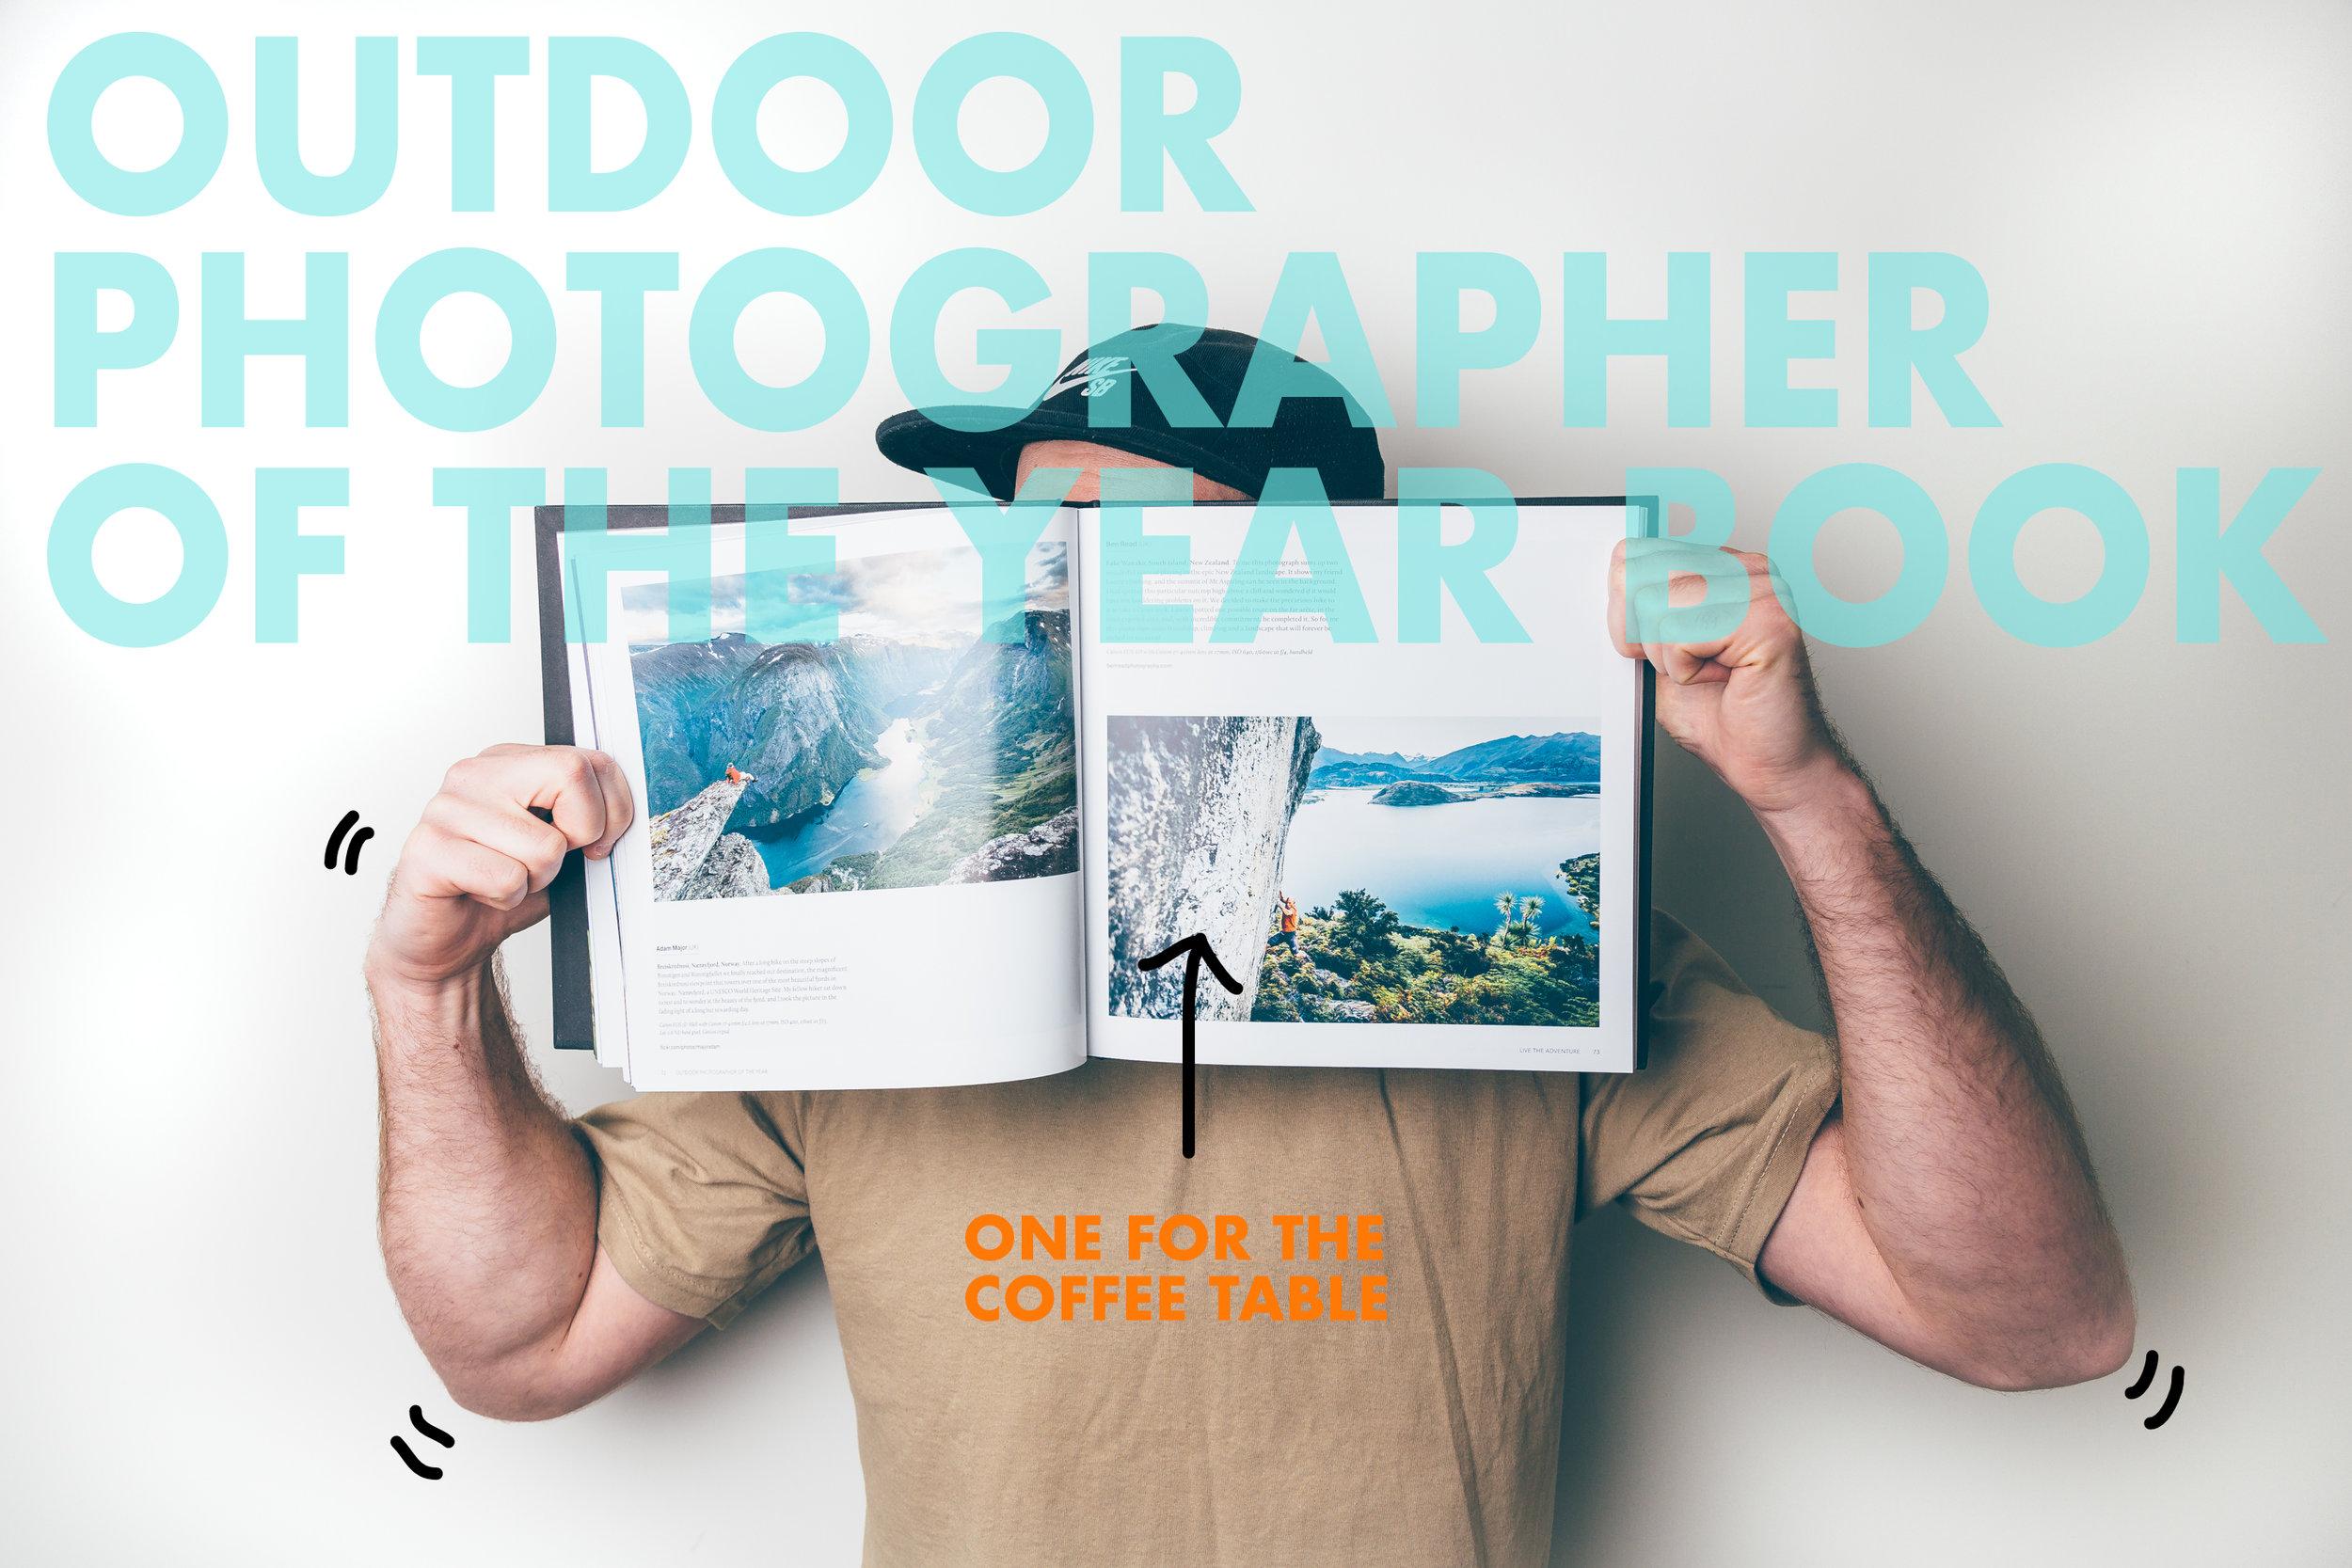 outdoorphotographeroftheyearbook-benreadphotography